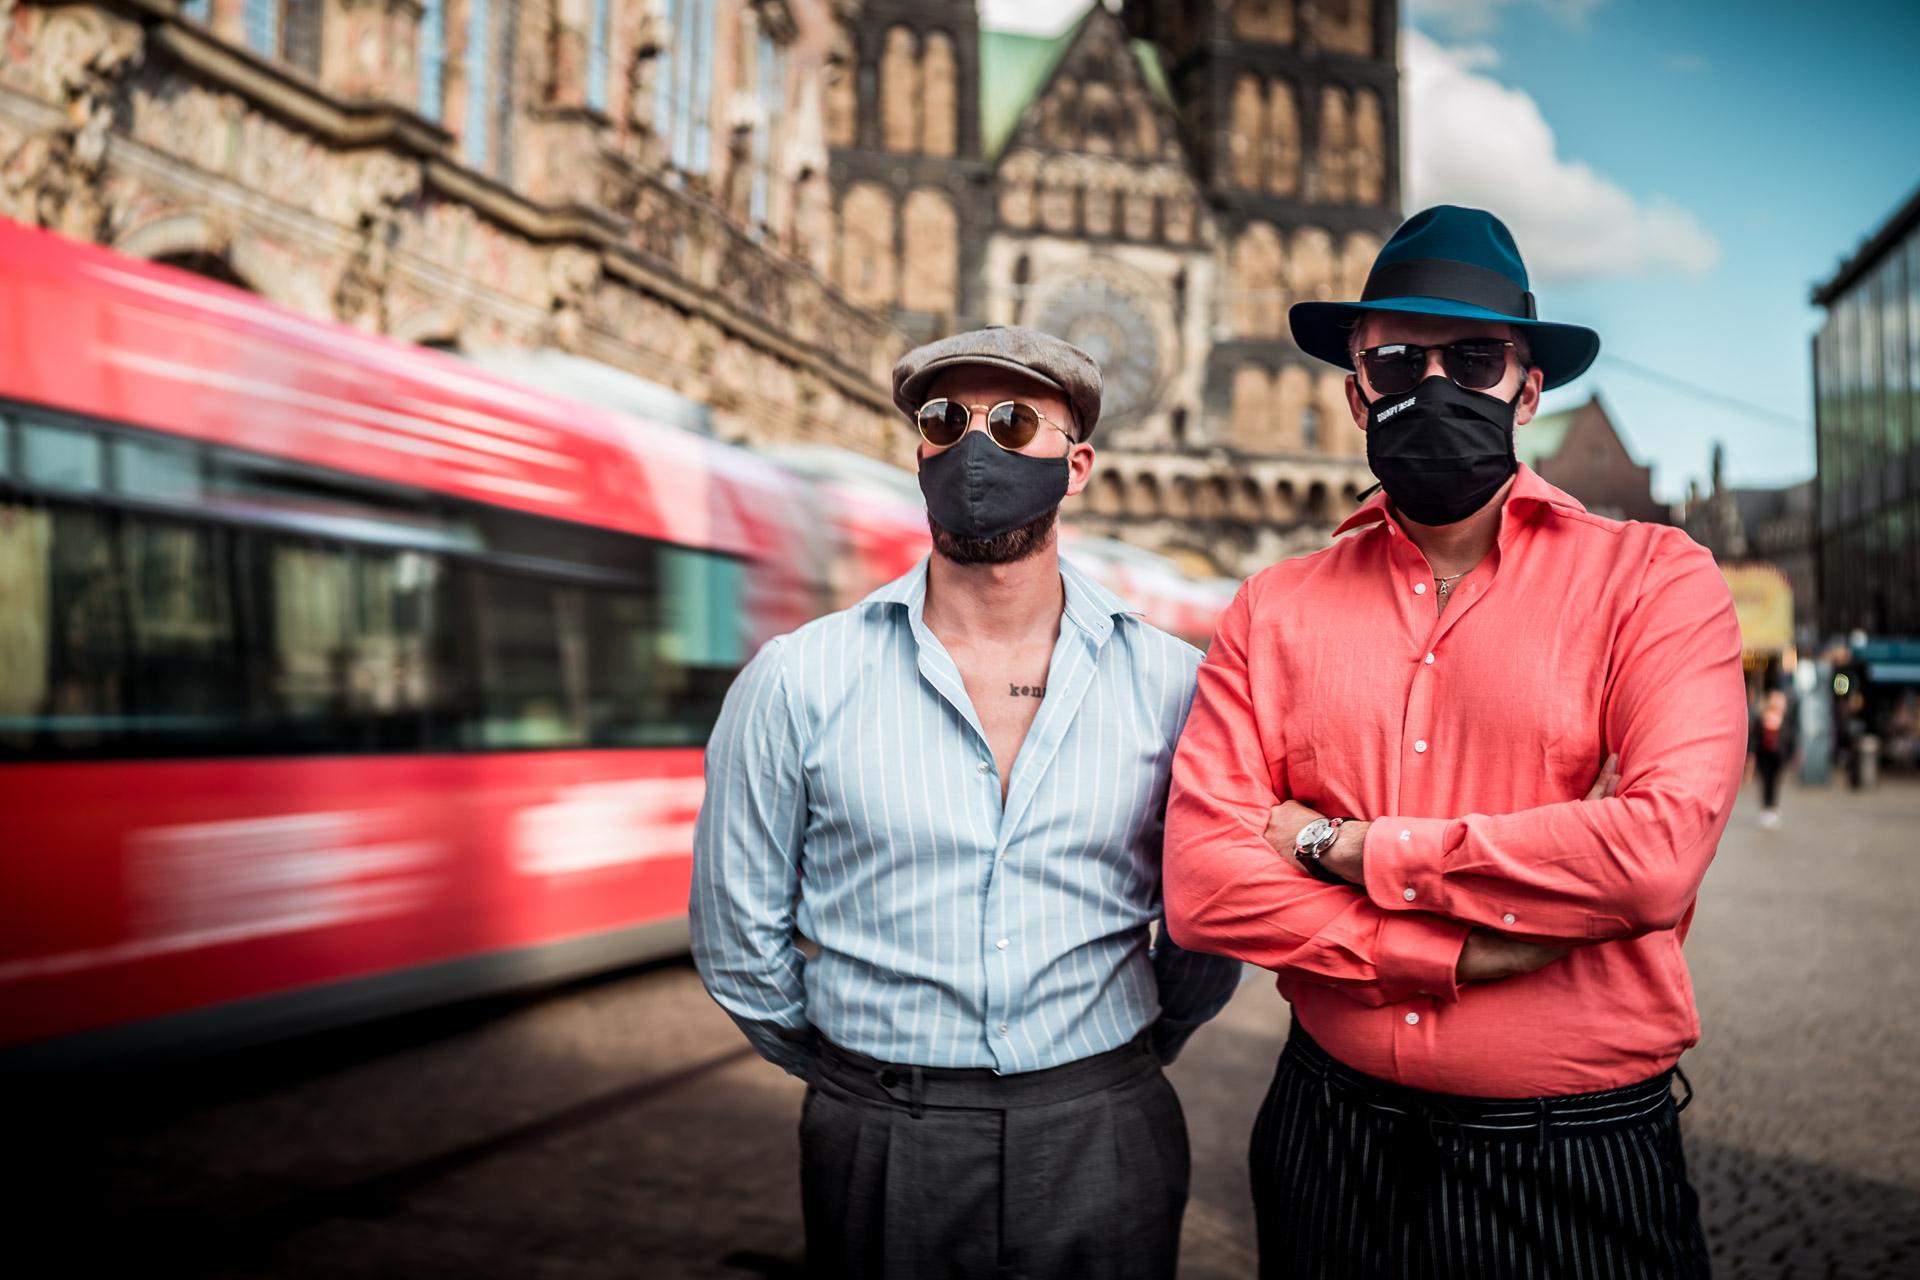 Eine Maske gehört nun zum Outfit!